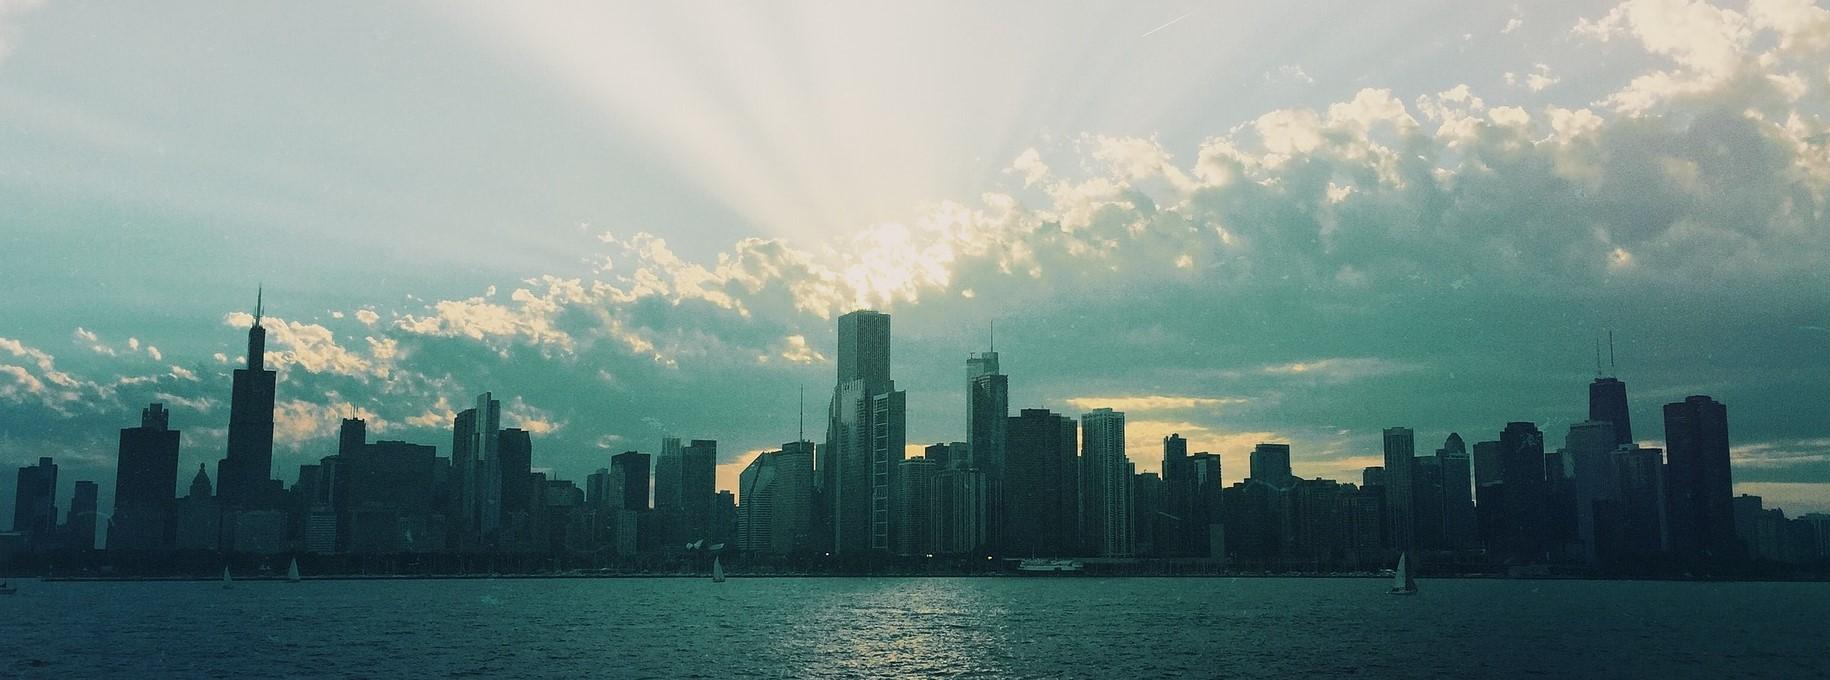 Bruschi USA Chicago Area